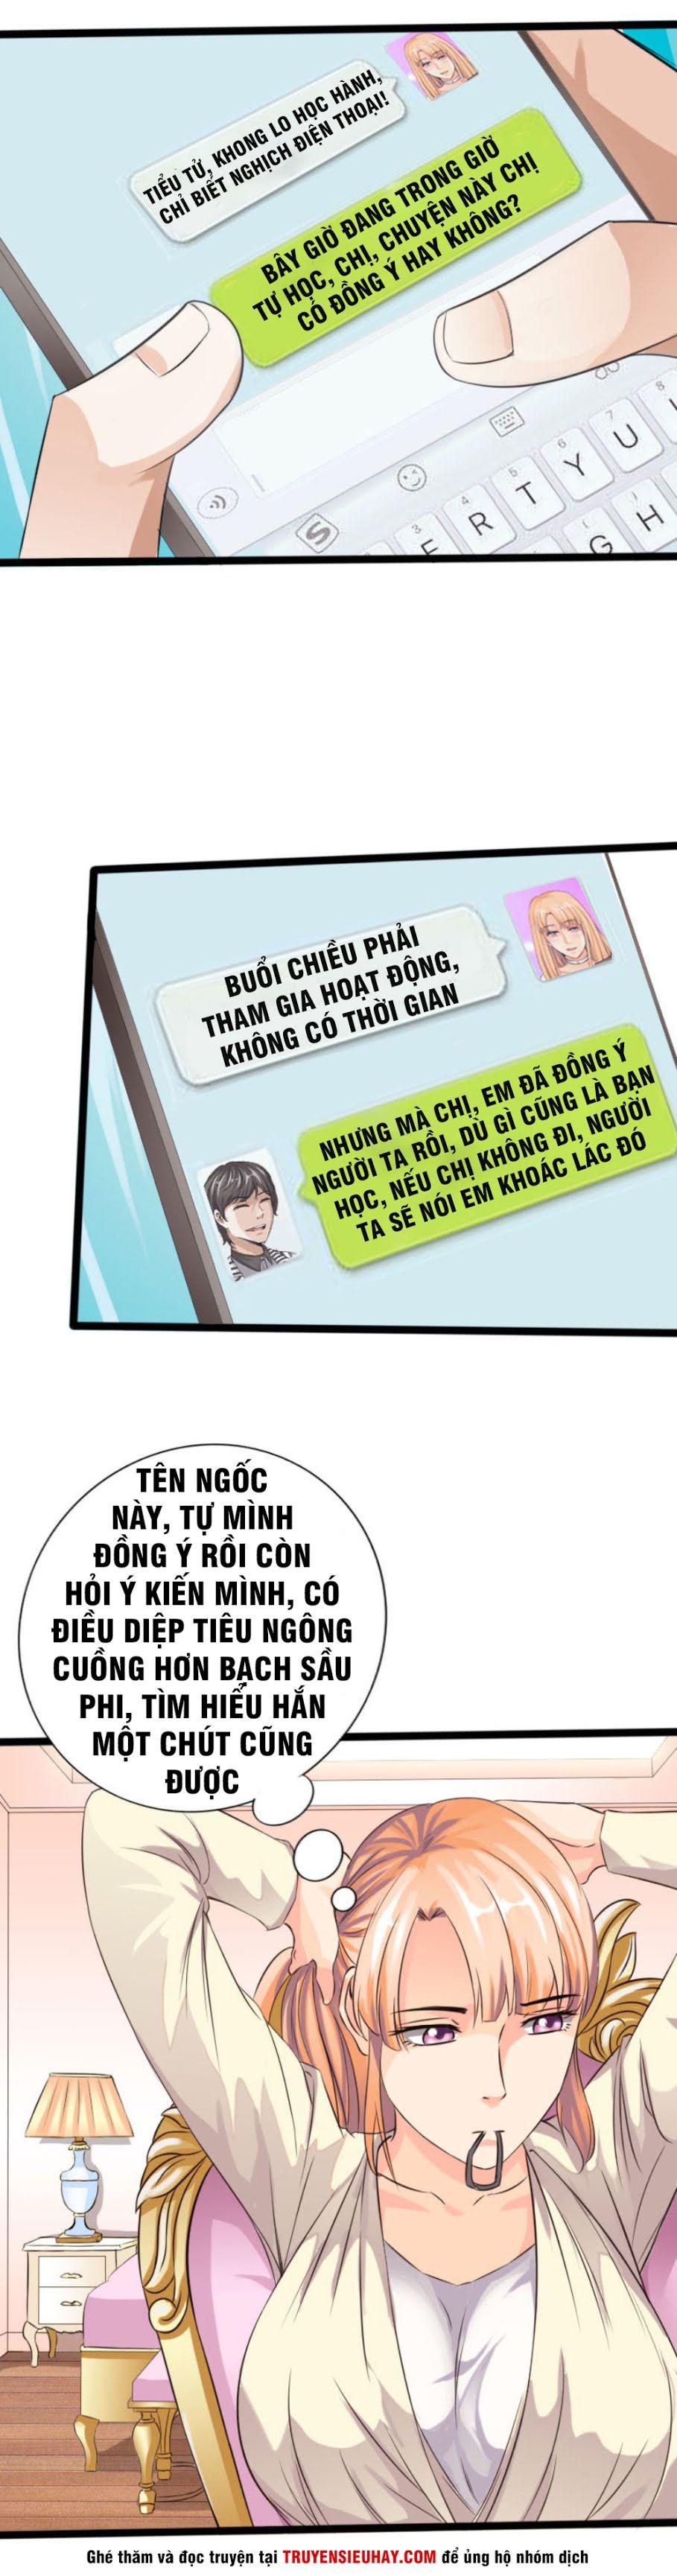 Tuyệt Phẩm Tà Thiếu Chapter 31 - truyenmh.com